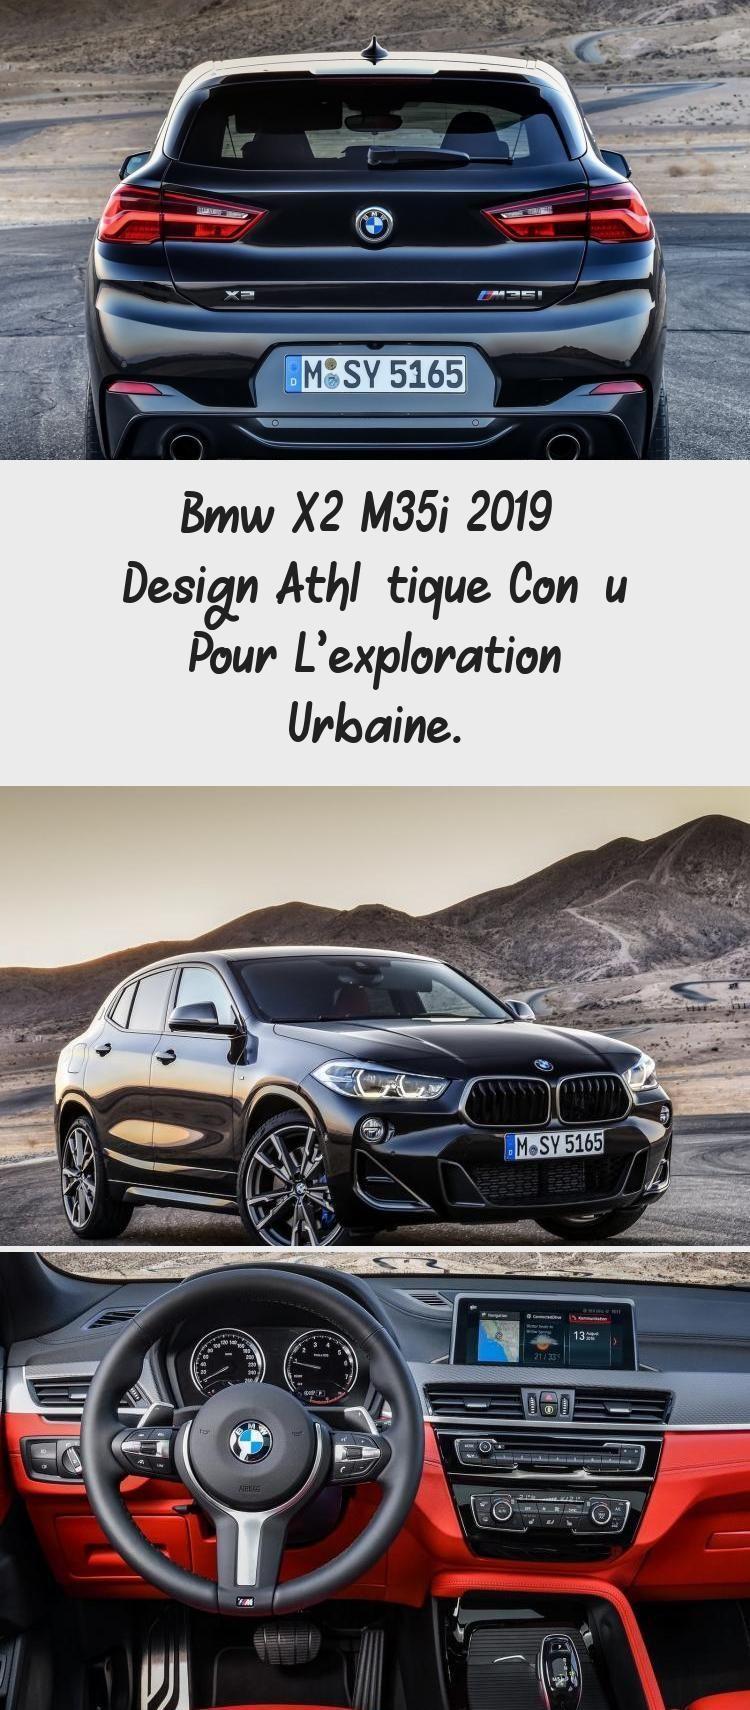 Bmw X2 M35i 2019 – Design Athlétique Conçu Pour L'exploration Urbaine. - Cars : La nouvelle X2 M35i 2019 : la rebelle de la famille BMW. BMW a présenté le crossover X2 M35i, avec le quatre cylindres le plus puissant jamais produit et conçu à Munich. #carsSketch #carsJeep #carsPelicula #carsForTeens #Smallcars #M35i #2019 #Design